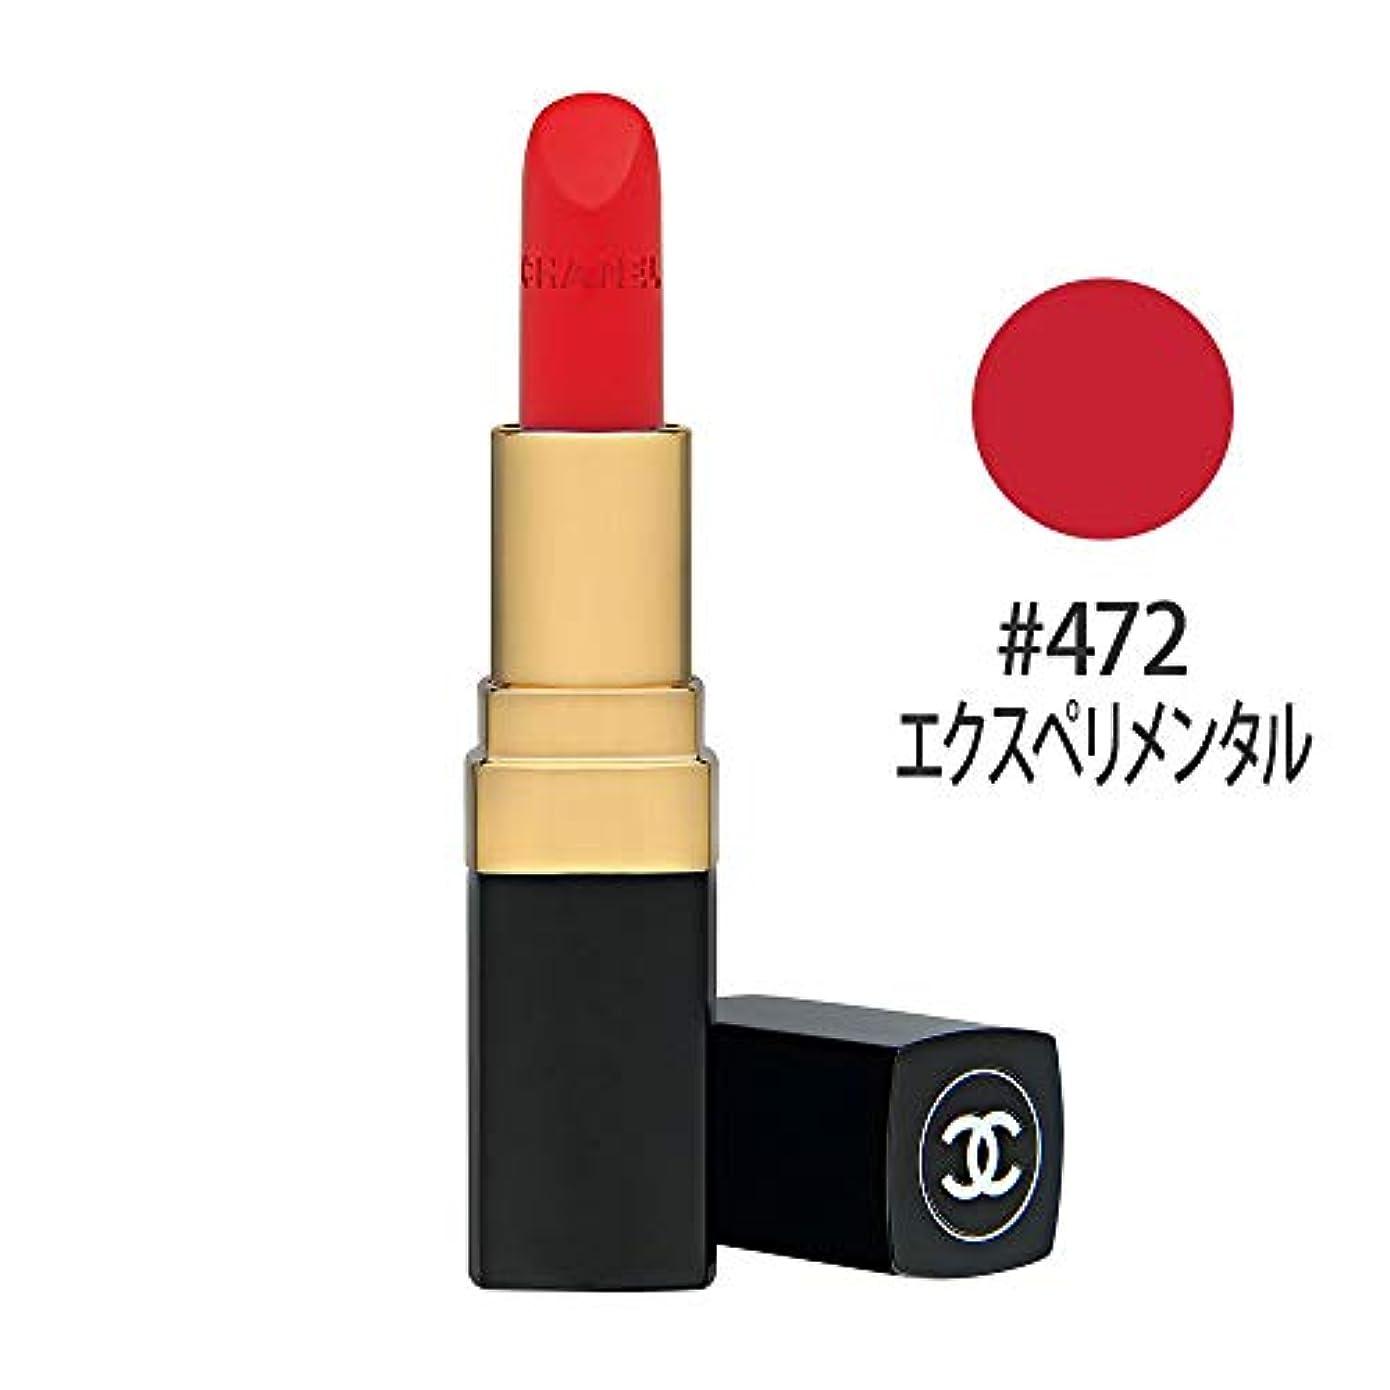 状況スナック水没【シャネル】ルージュ ココ #472 エクスペリメンタル 3.5g [並行輸入品]